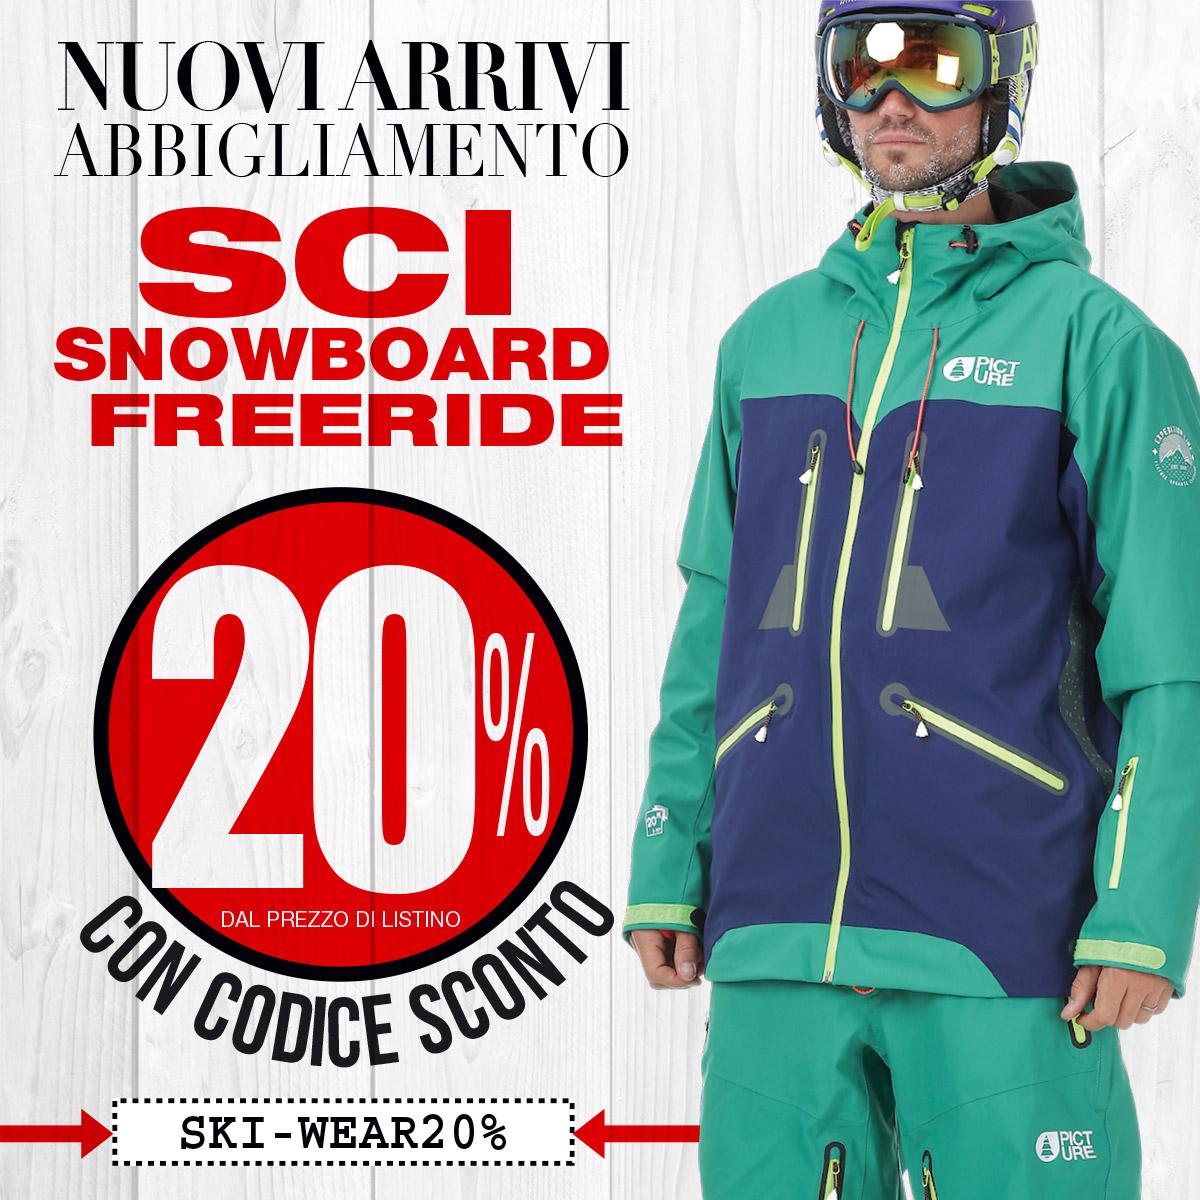 20% sui nuovi arrivi abbigliamento sci, snowbord e freeride: affrettati!